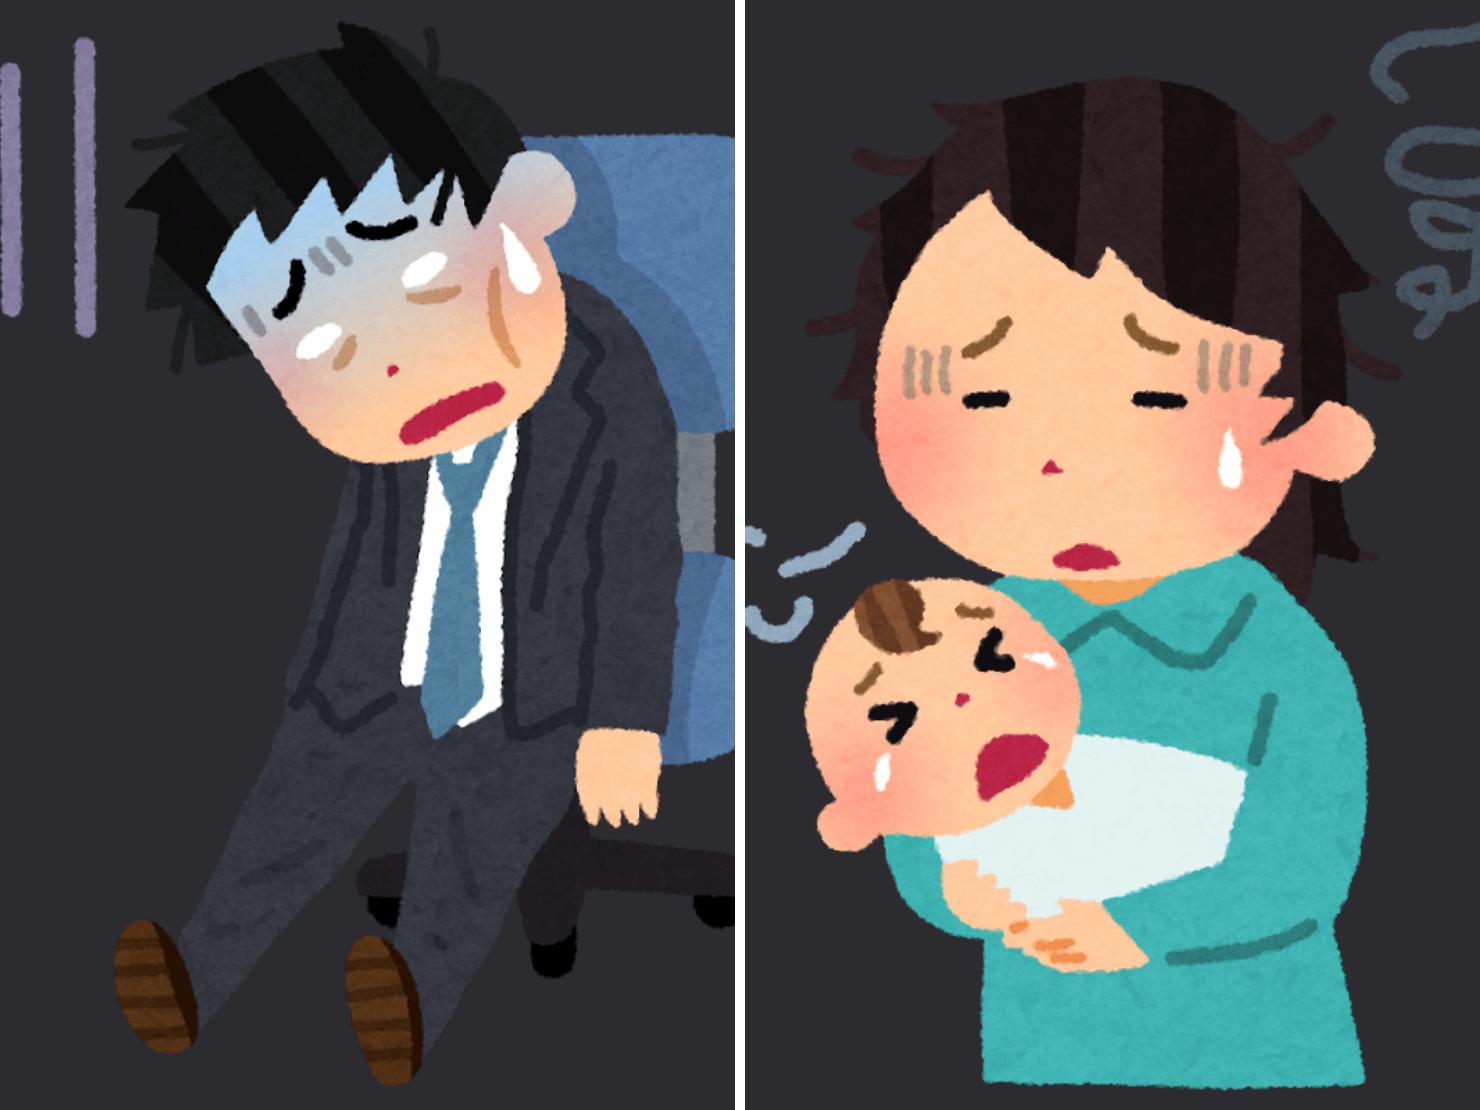 仕事に疲れた夫と育児に疲れた妻のイラスト